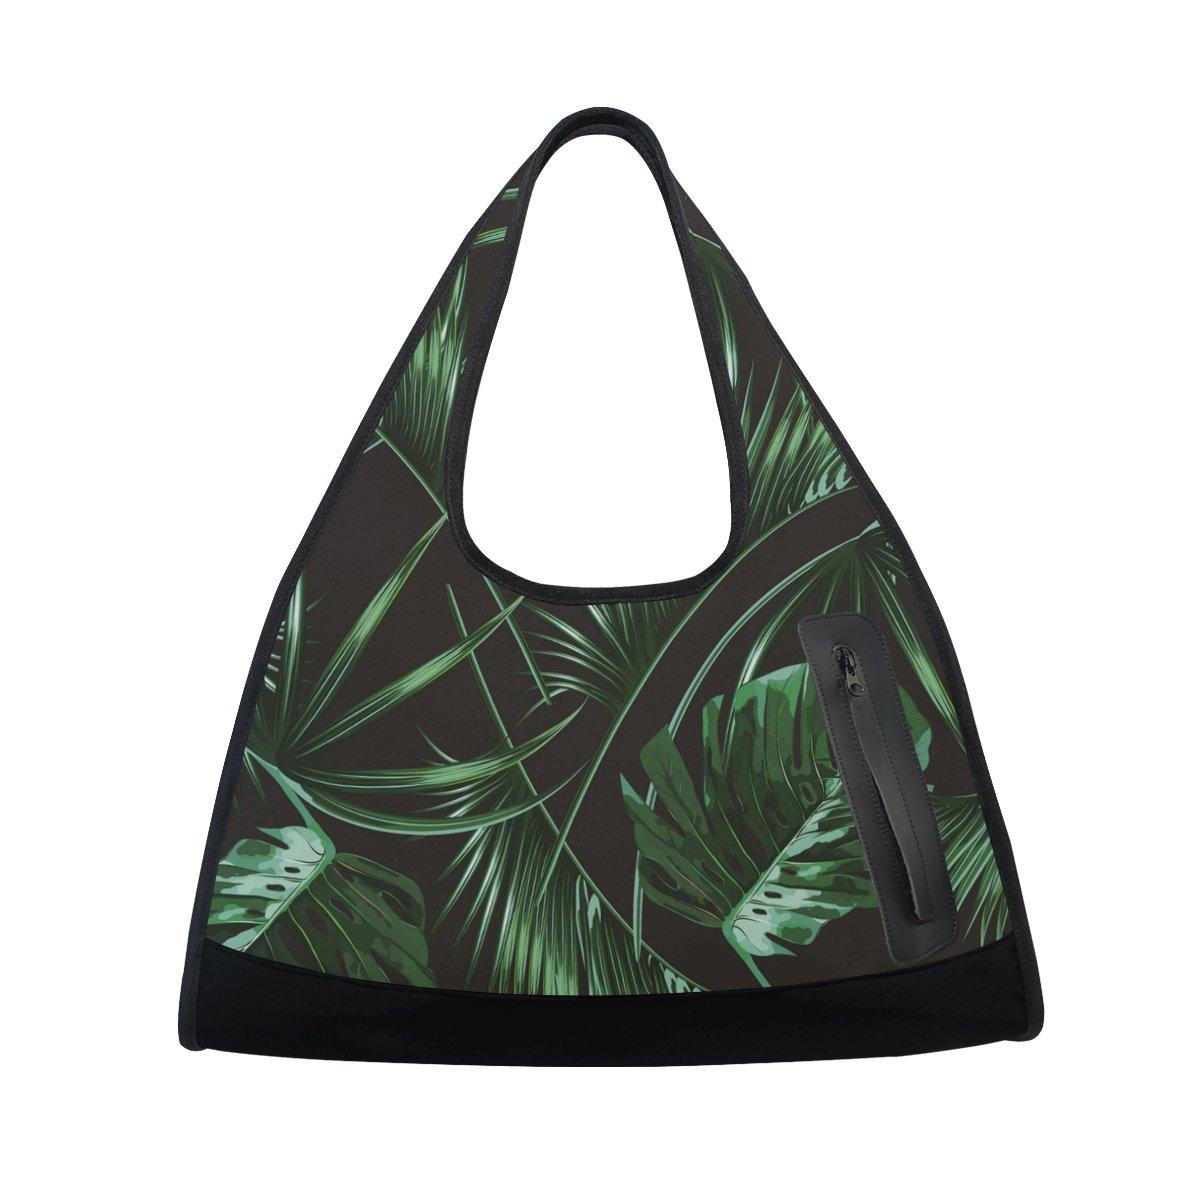 AHOMY Sports Gym Bag Green Tropic Palm Leaf Duffel Bag Travel Shoulder Bag